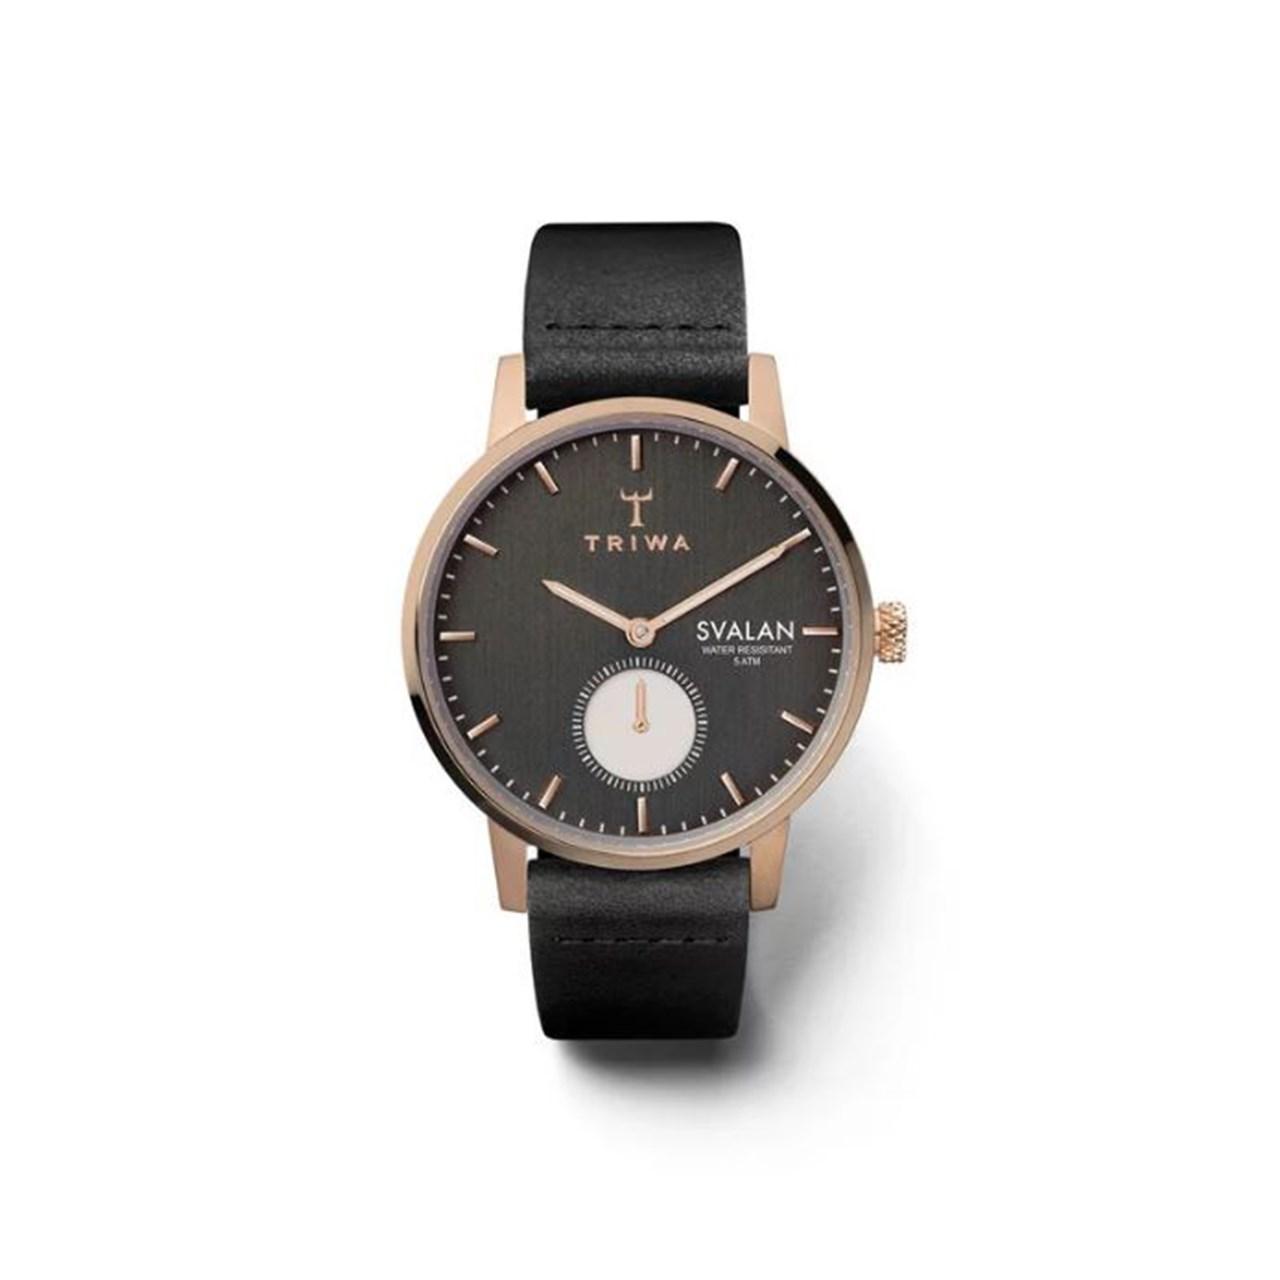 ساعت عقربه ای تیریوا مدل نویرسوالان